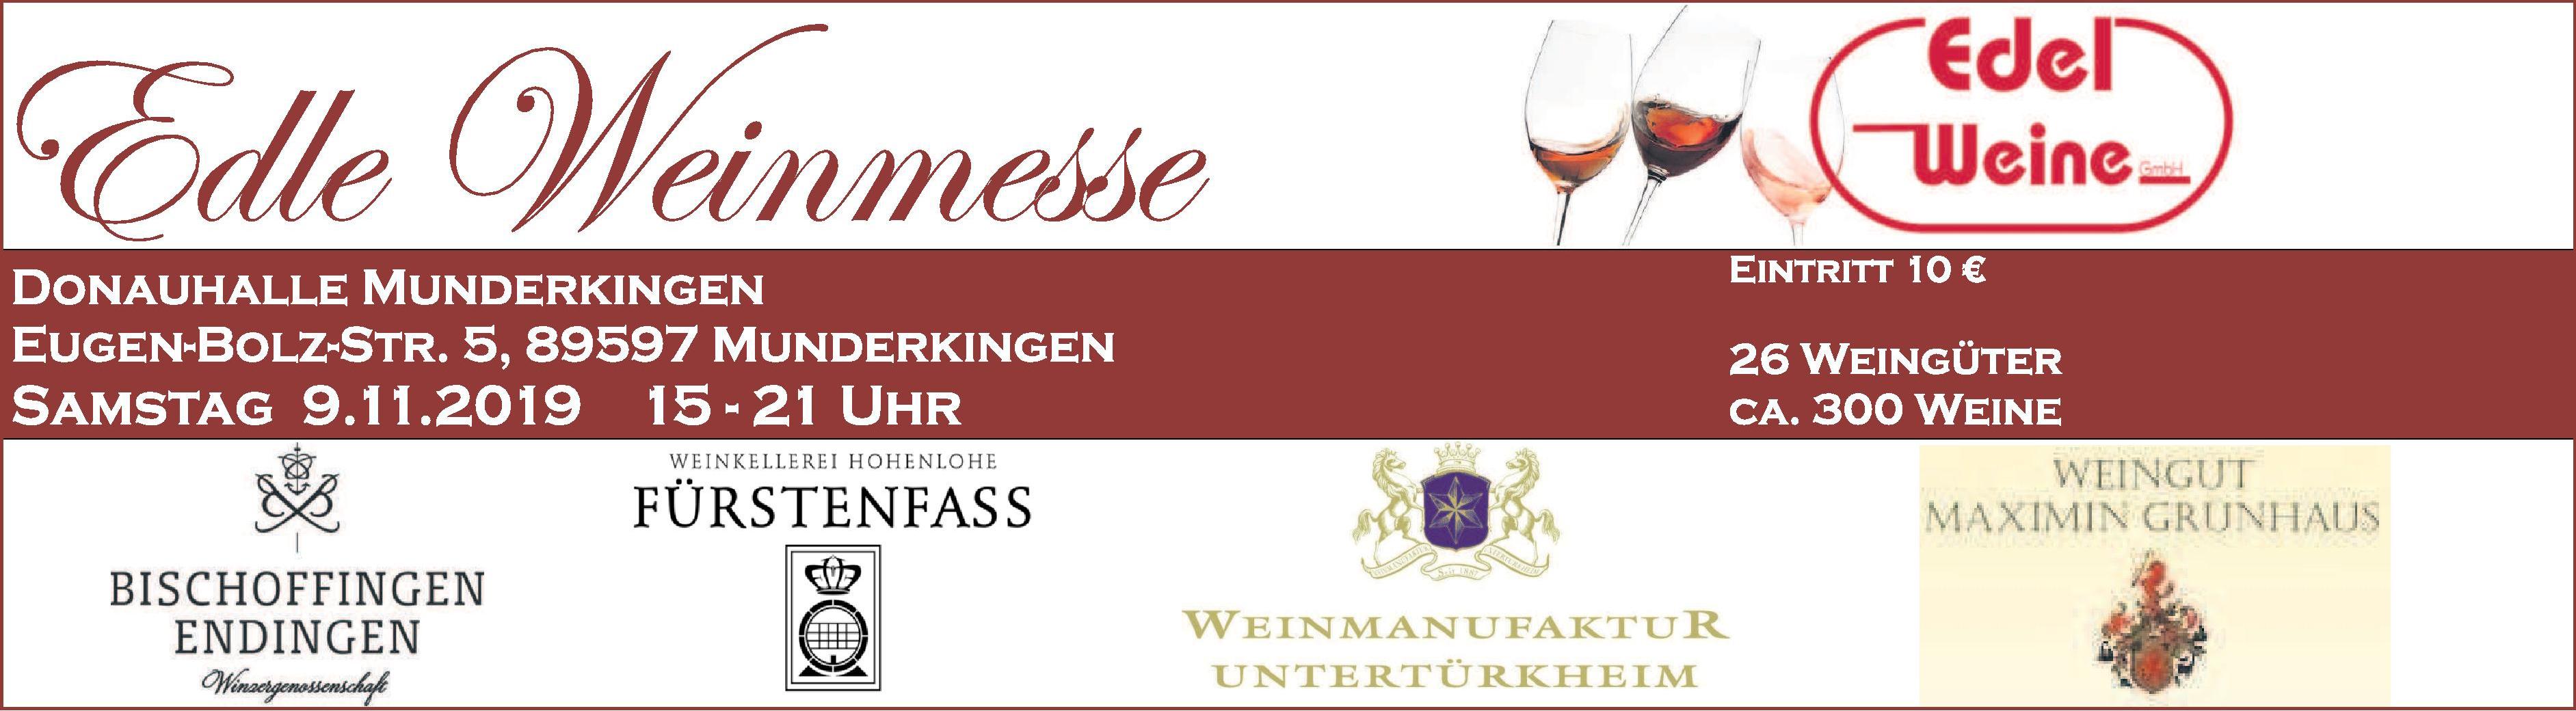 Edle Weinmesse